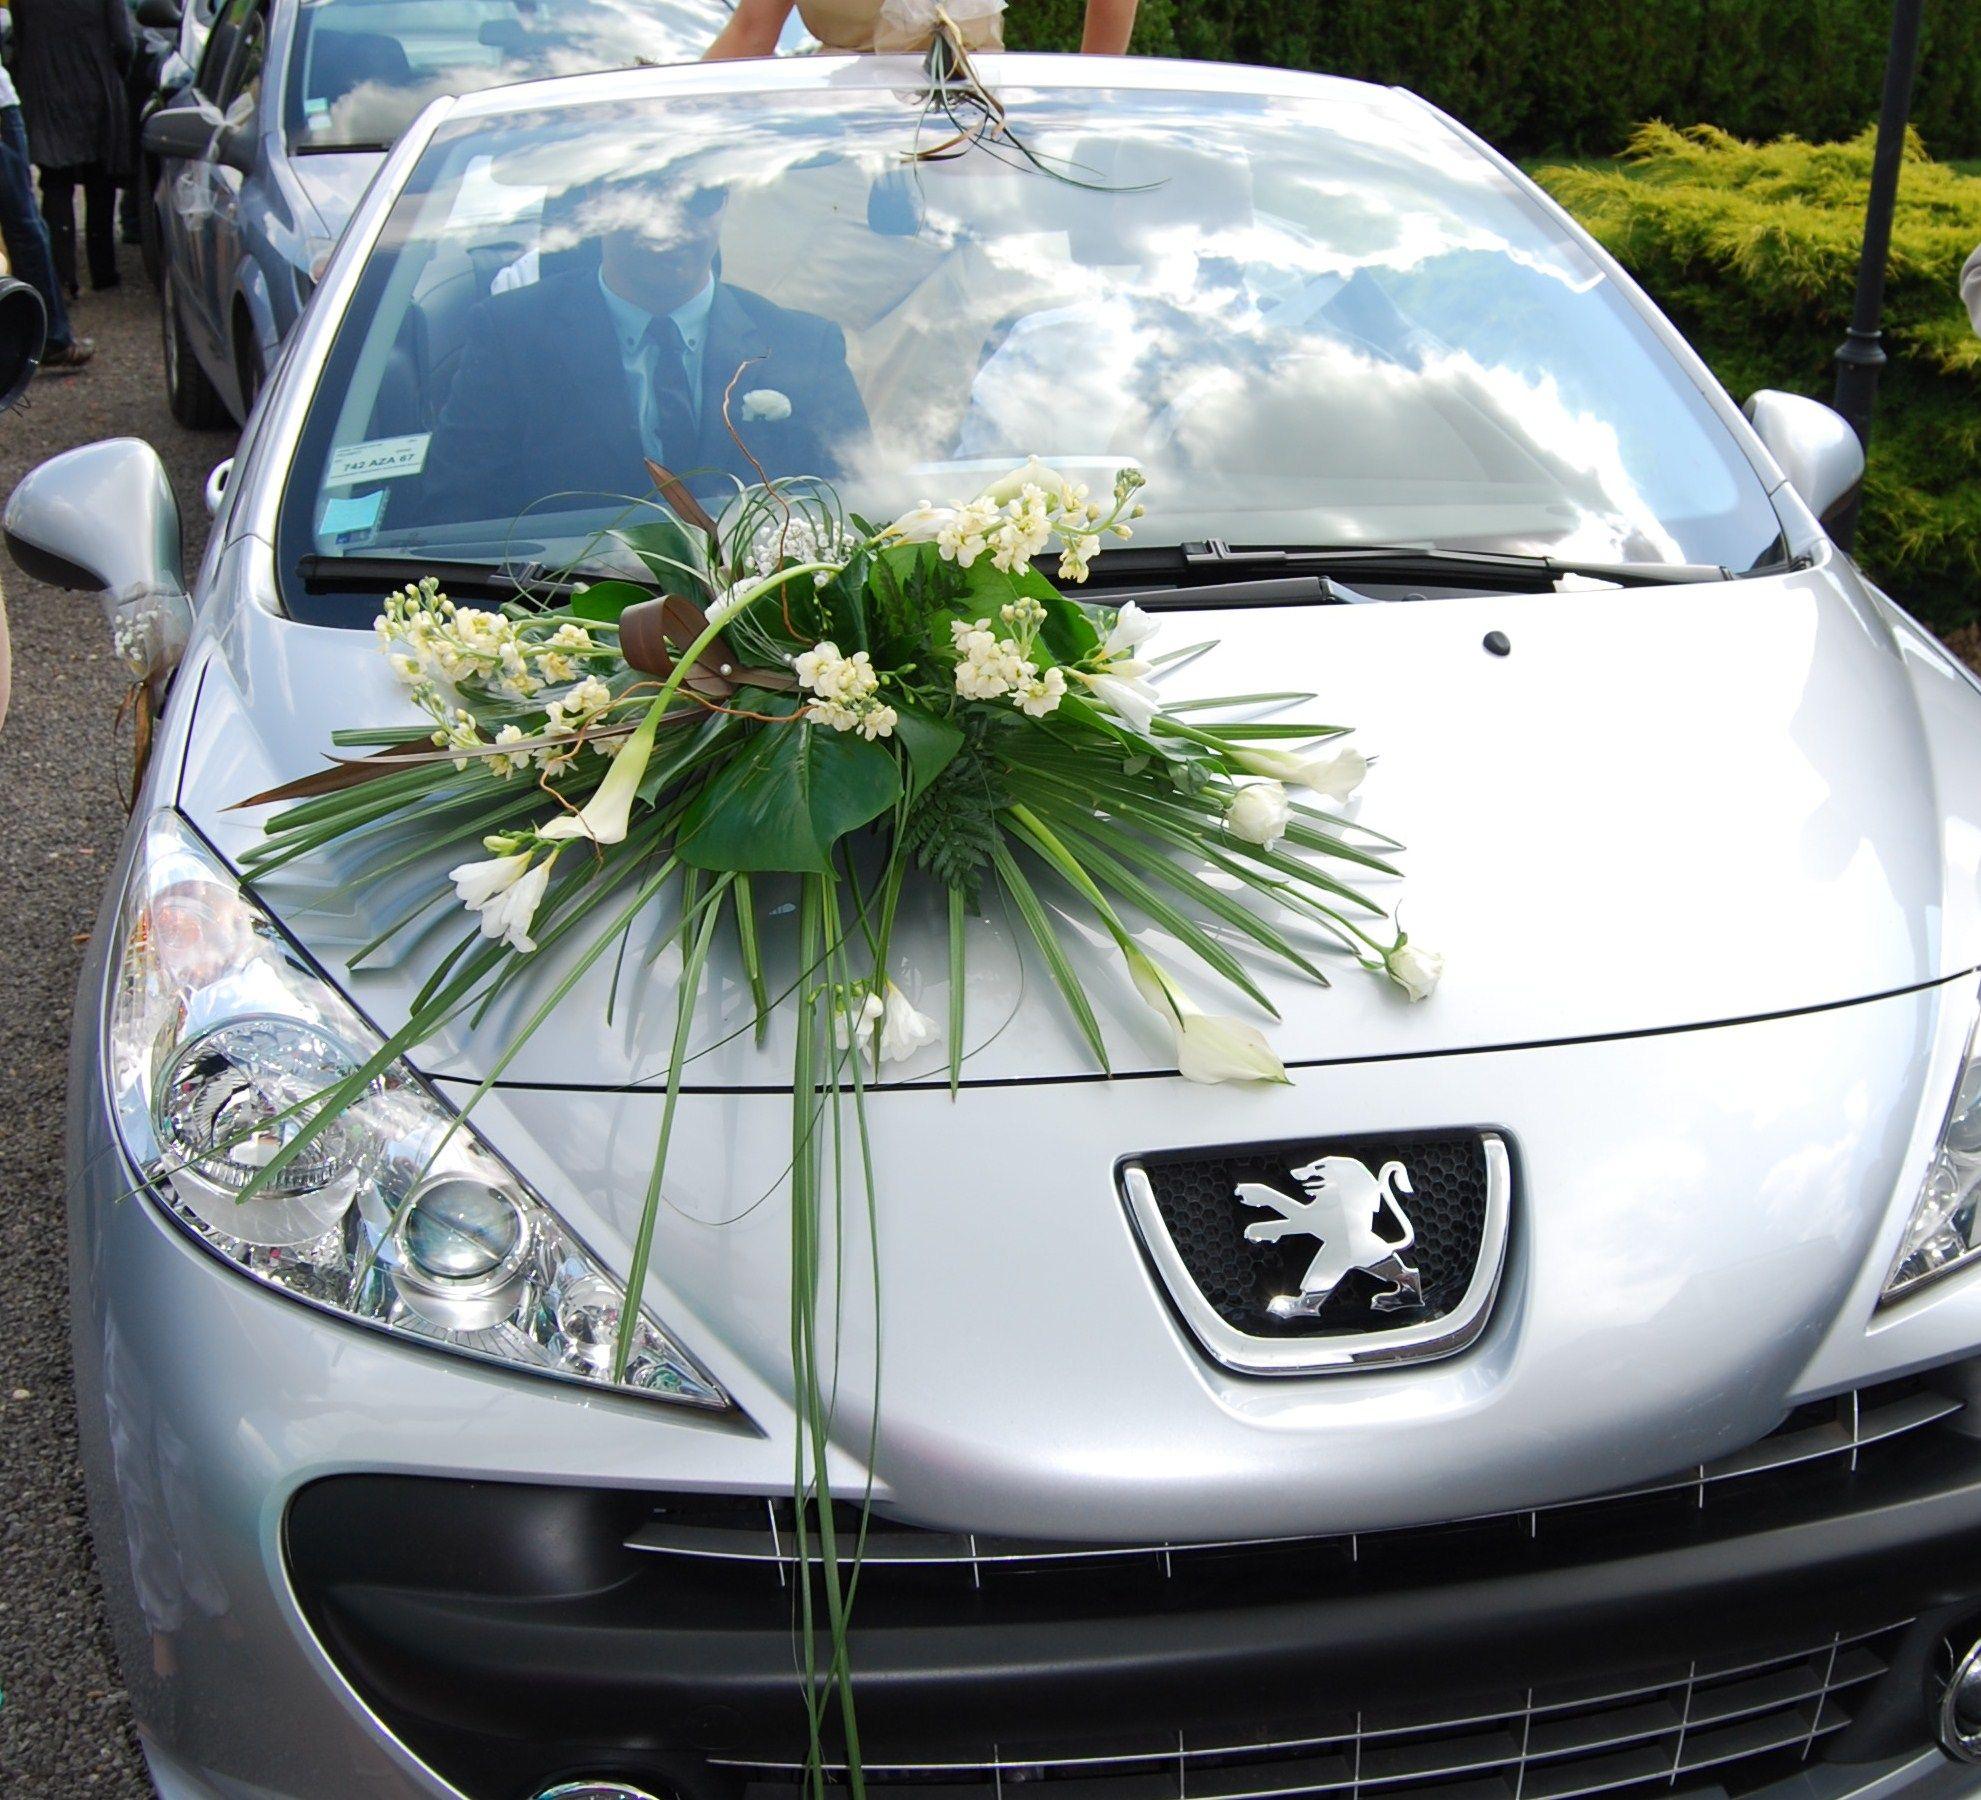 ventouse fleur capos pour la voiture - Ventouse Pour Voiture Mariage